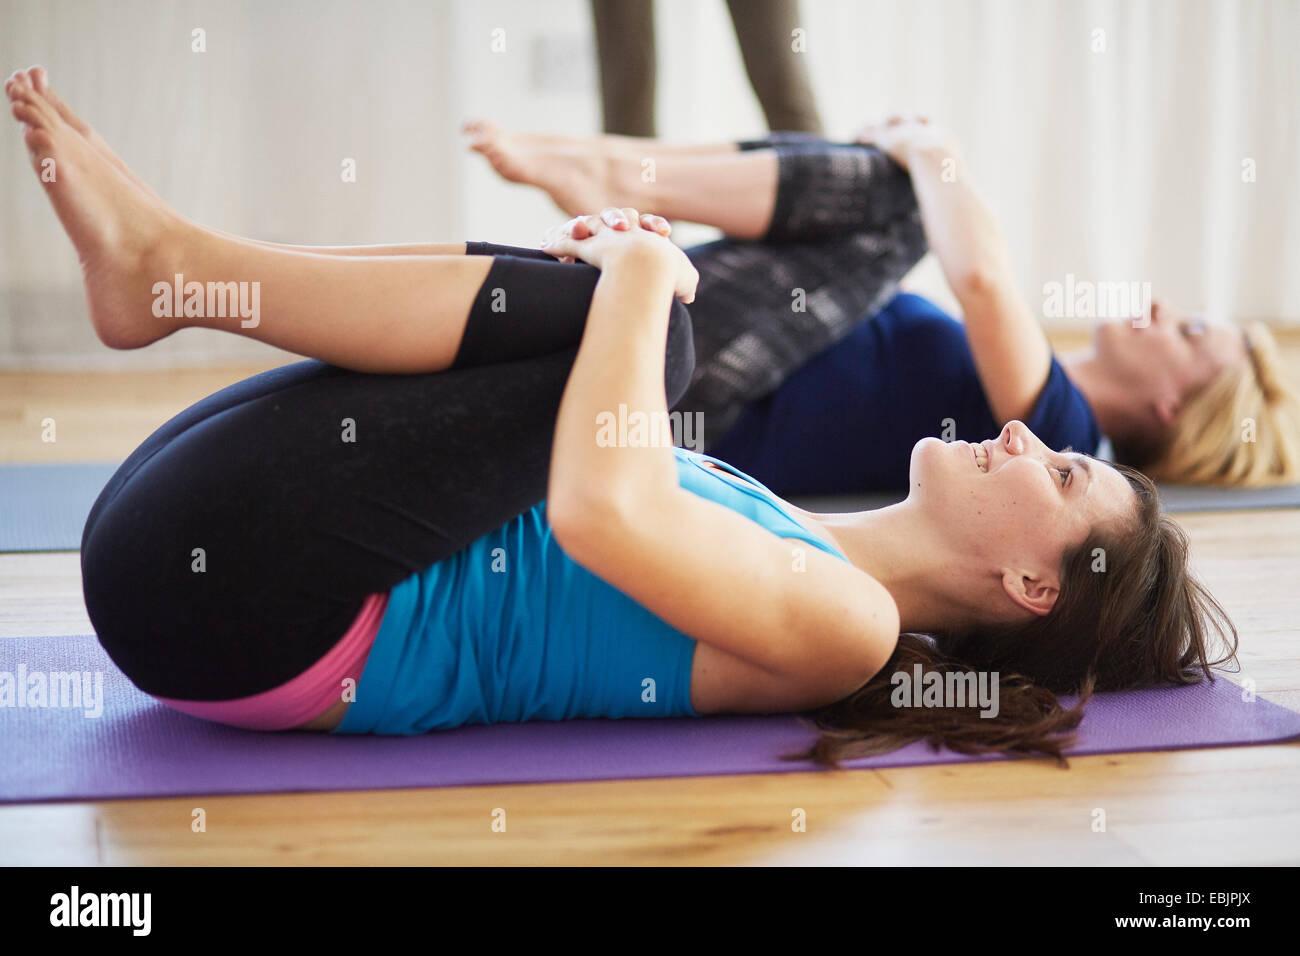 Les élèves de sexe féminin allongé sur le dos en serrant les genoux de pilates Photo Stock